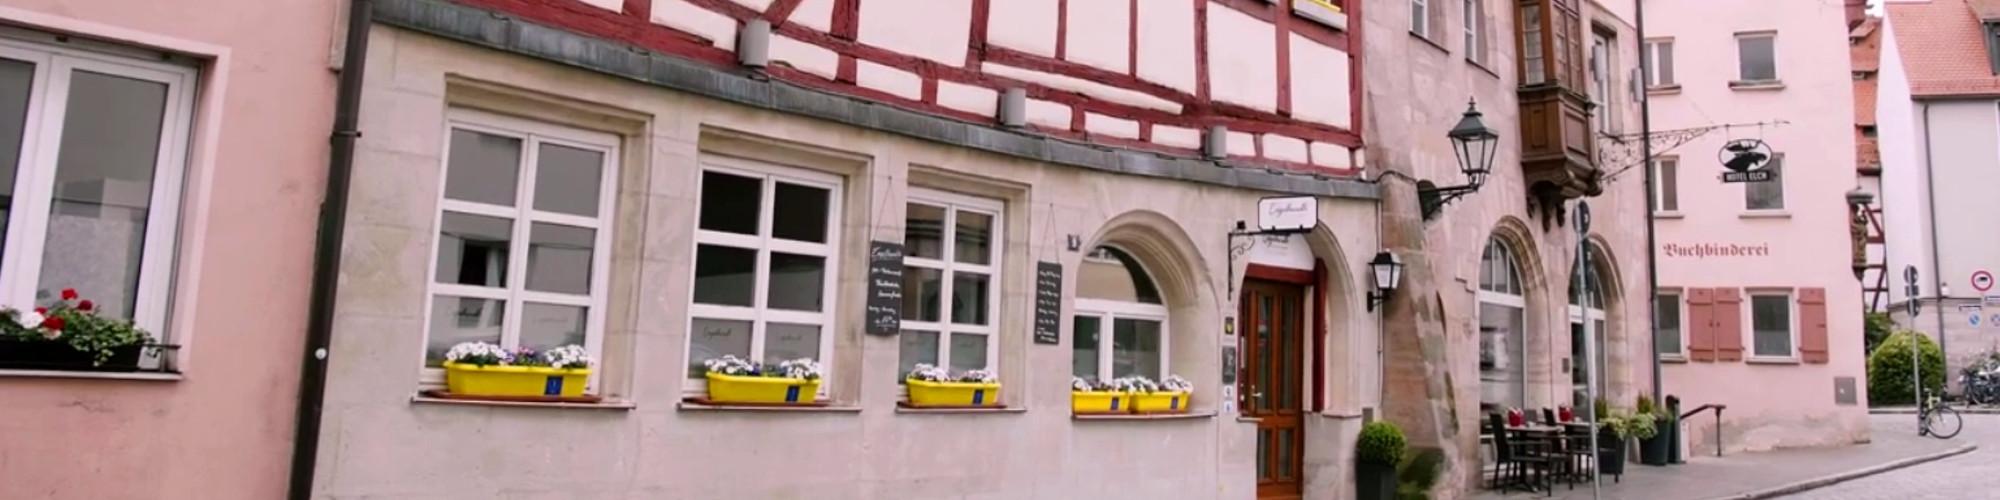 Beedabei-Hotel-Elch